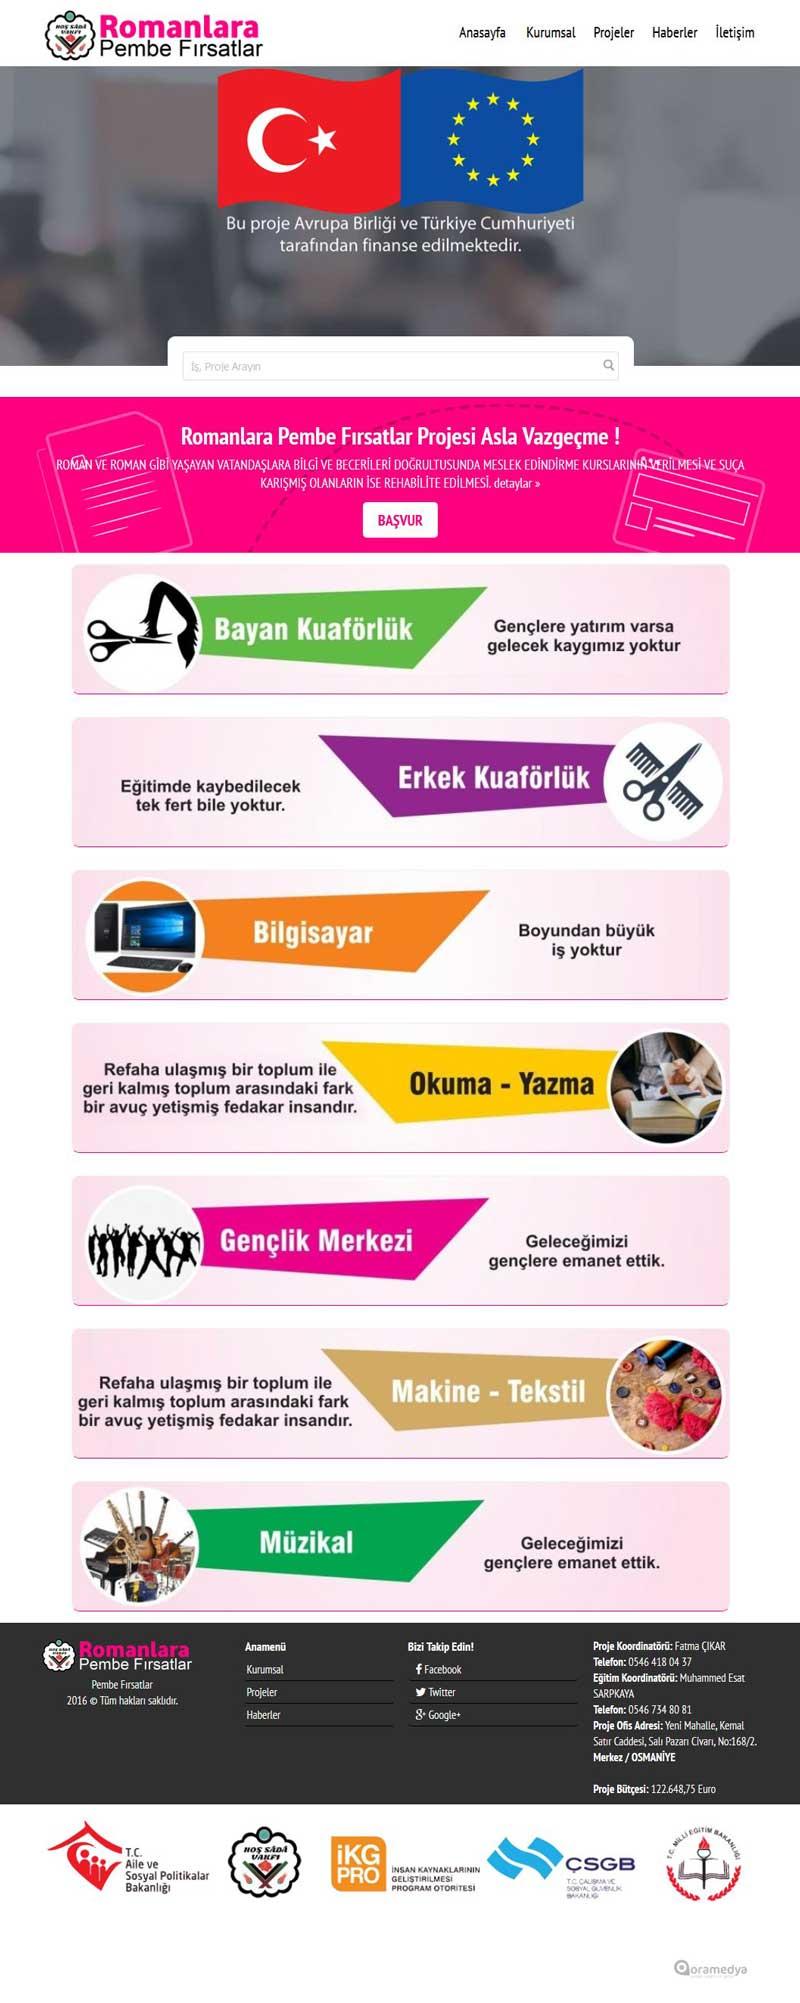 Romanlara Pembe Fırsatlar Projesi Osmaniye Web Tasarımı